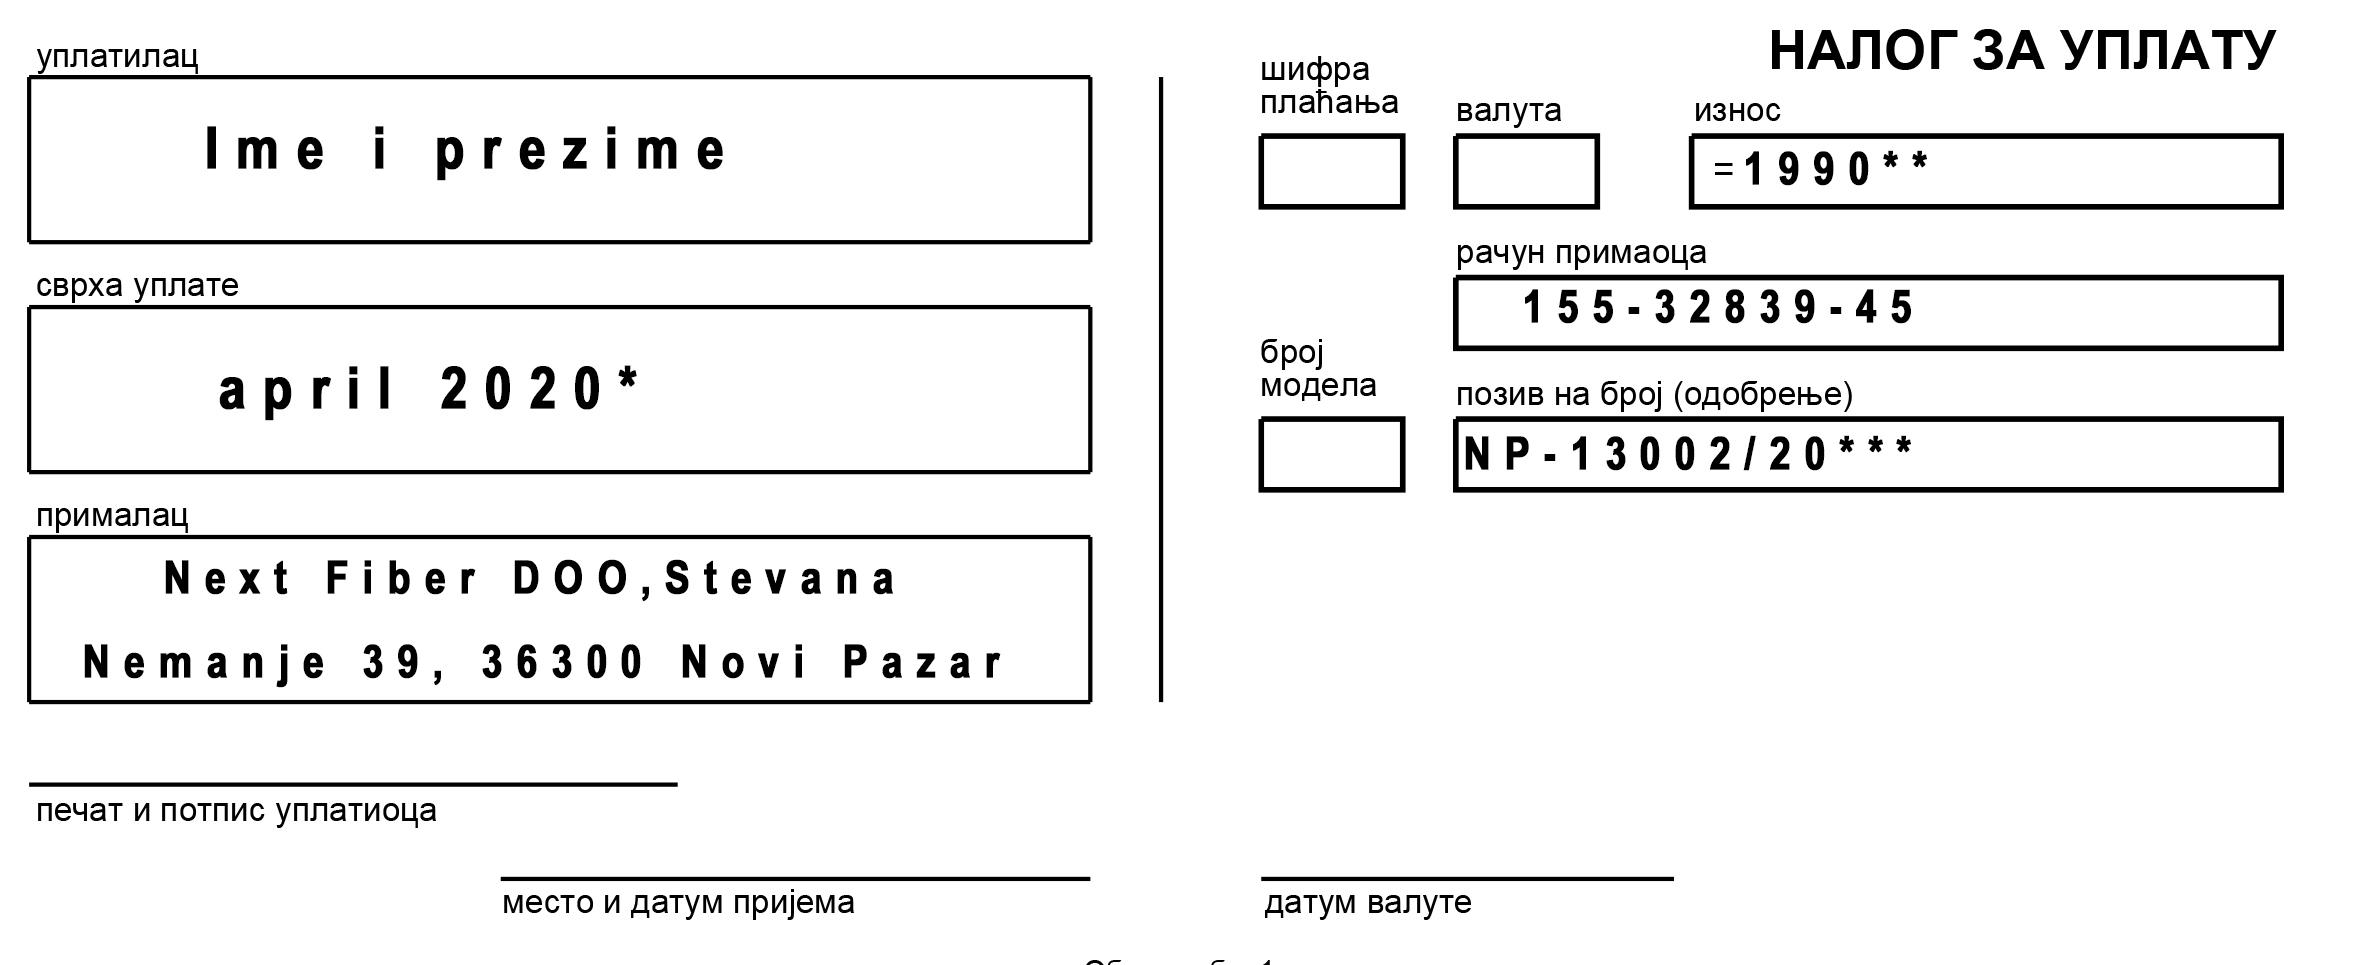 Plaćanje računa elektronskim putem